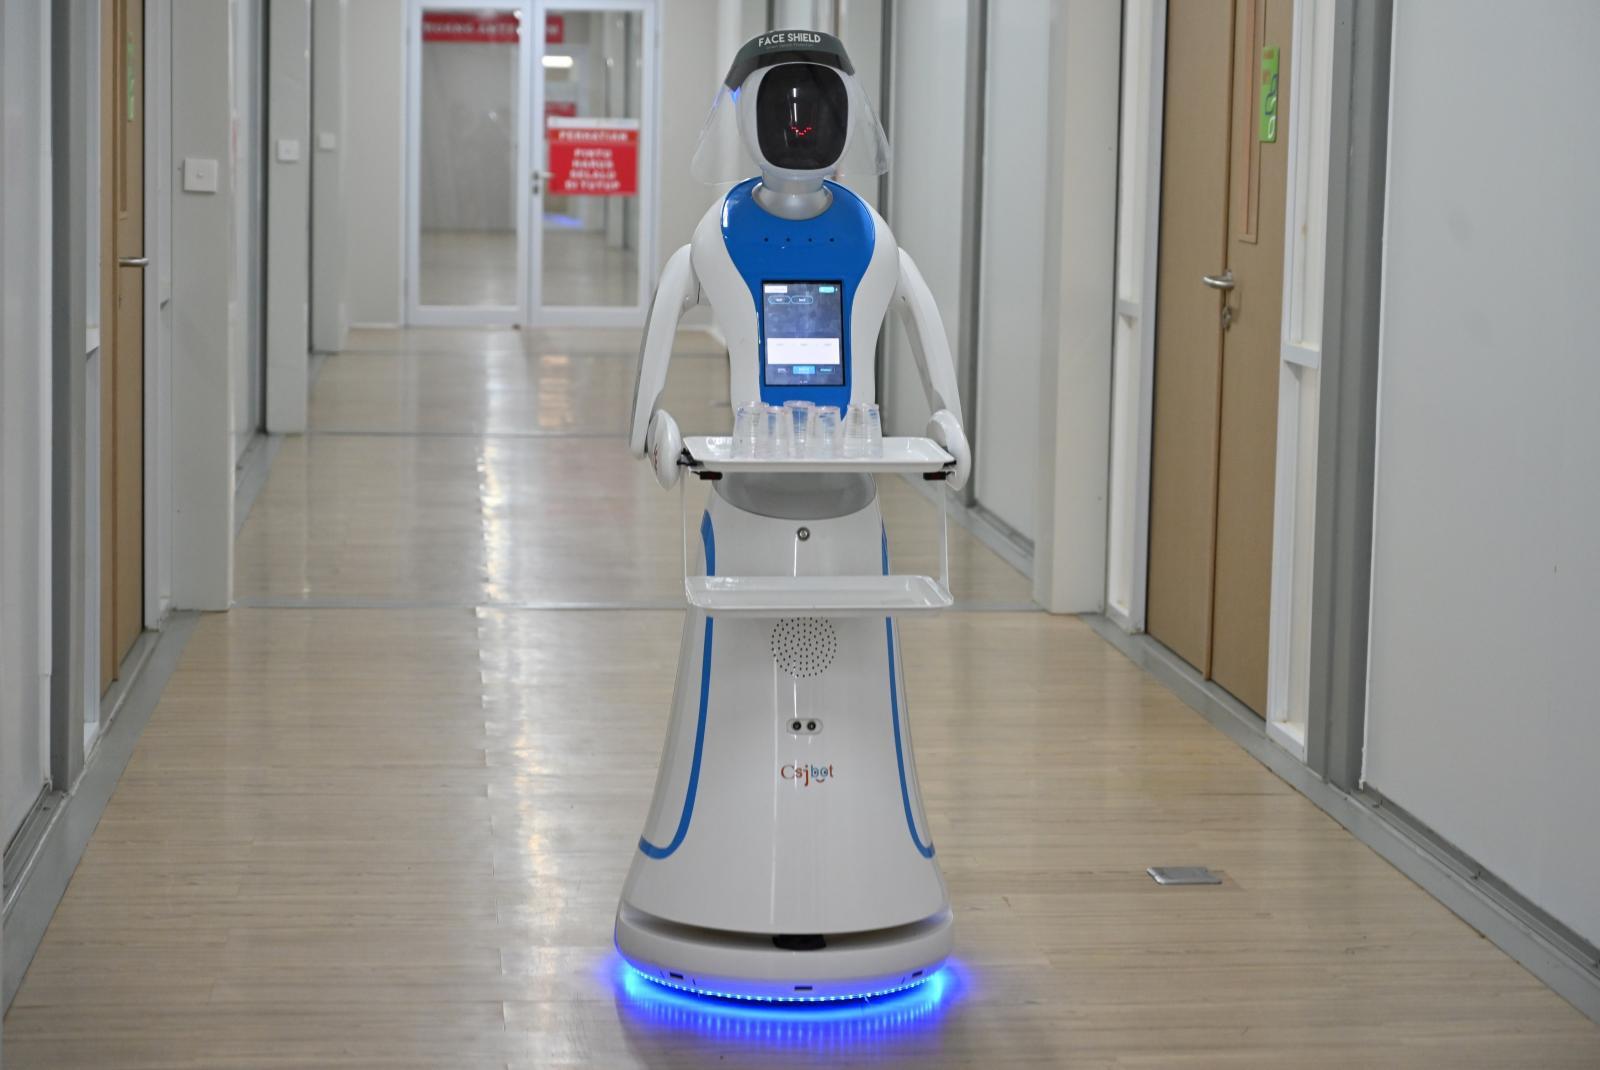 """บทบาทของ """"หุ่นยนต์ AI"""" จะมากขึ้นจากสถานการณ์ โควิด-19 ระบาด"""